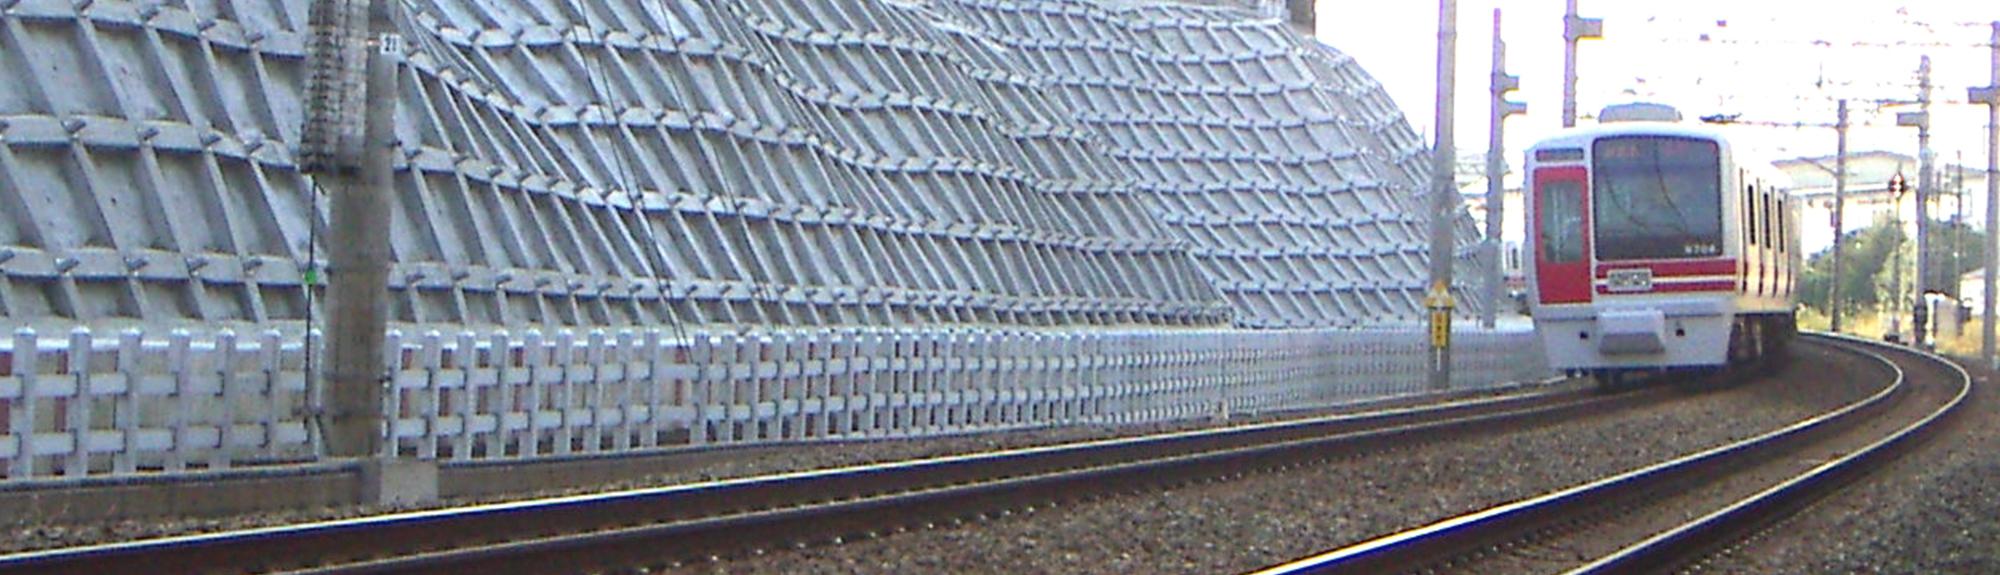 安心安全第一の鉄道工事の経験を活かした技術集団